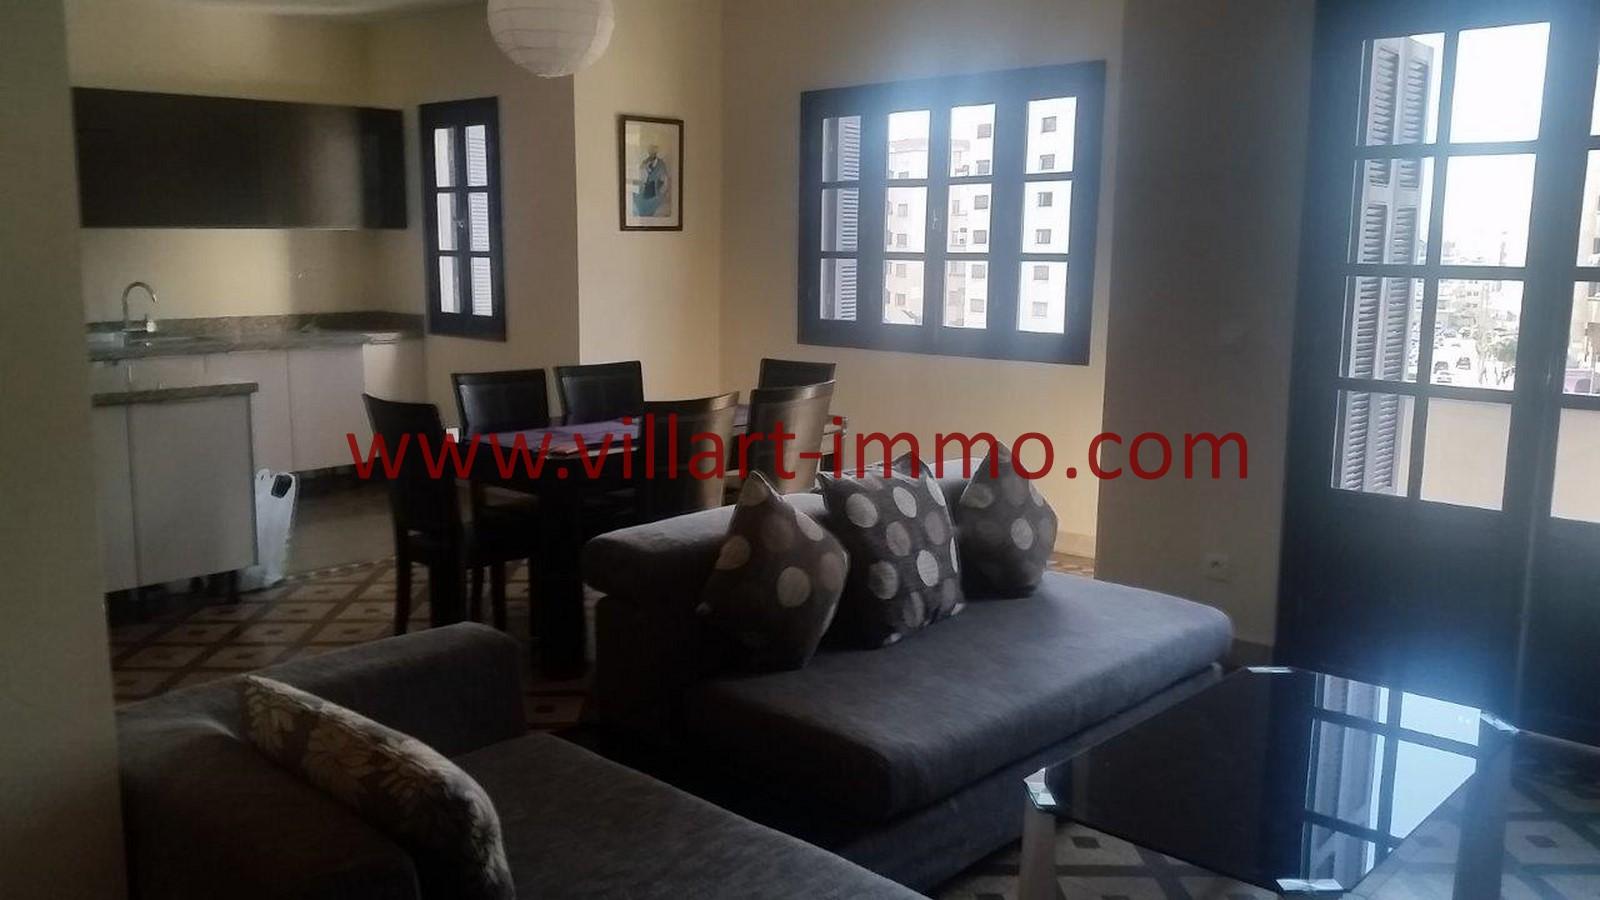 3-location-appartement-meuble-centre-ville-tanger-salon-l965-villart-immo